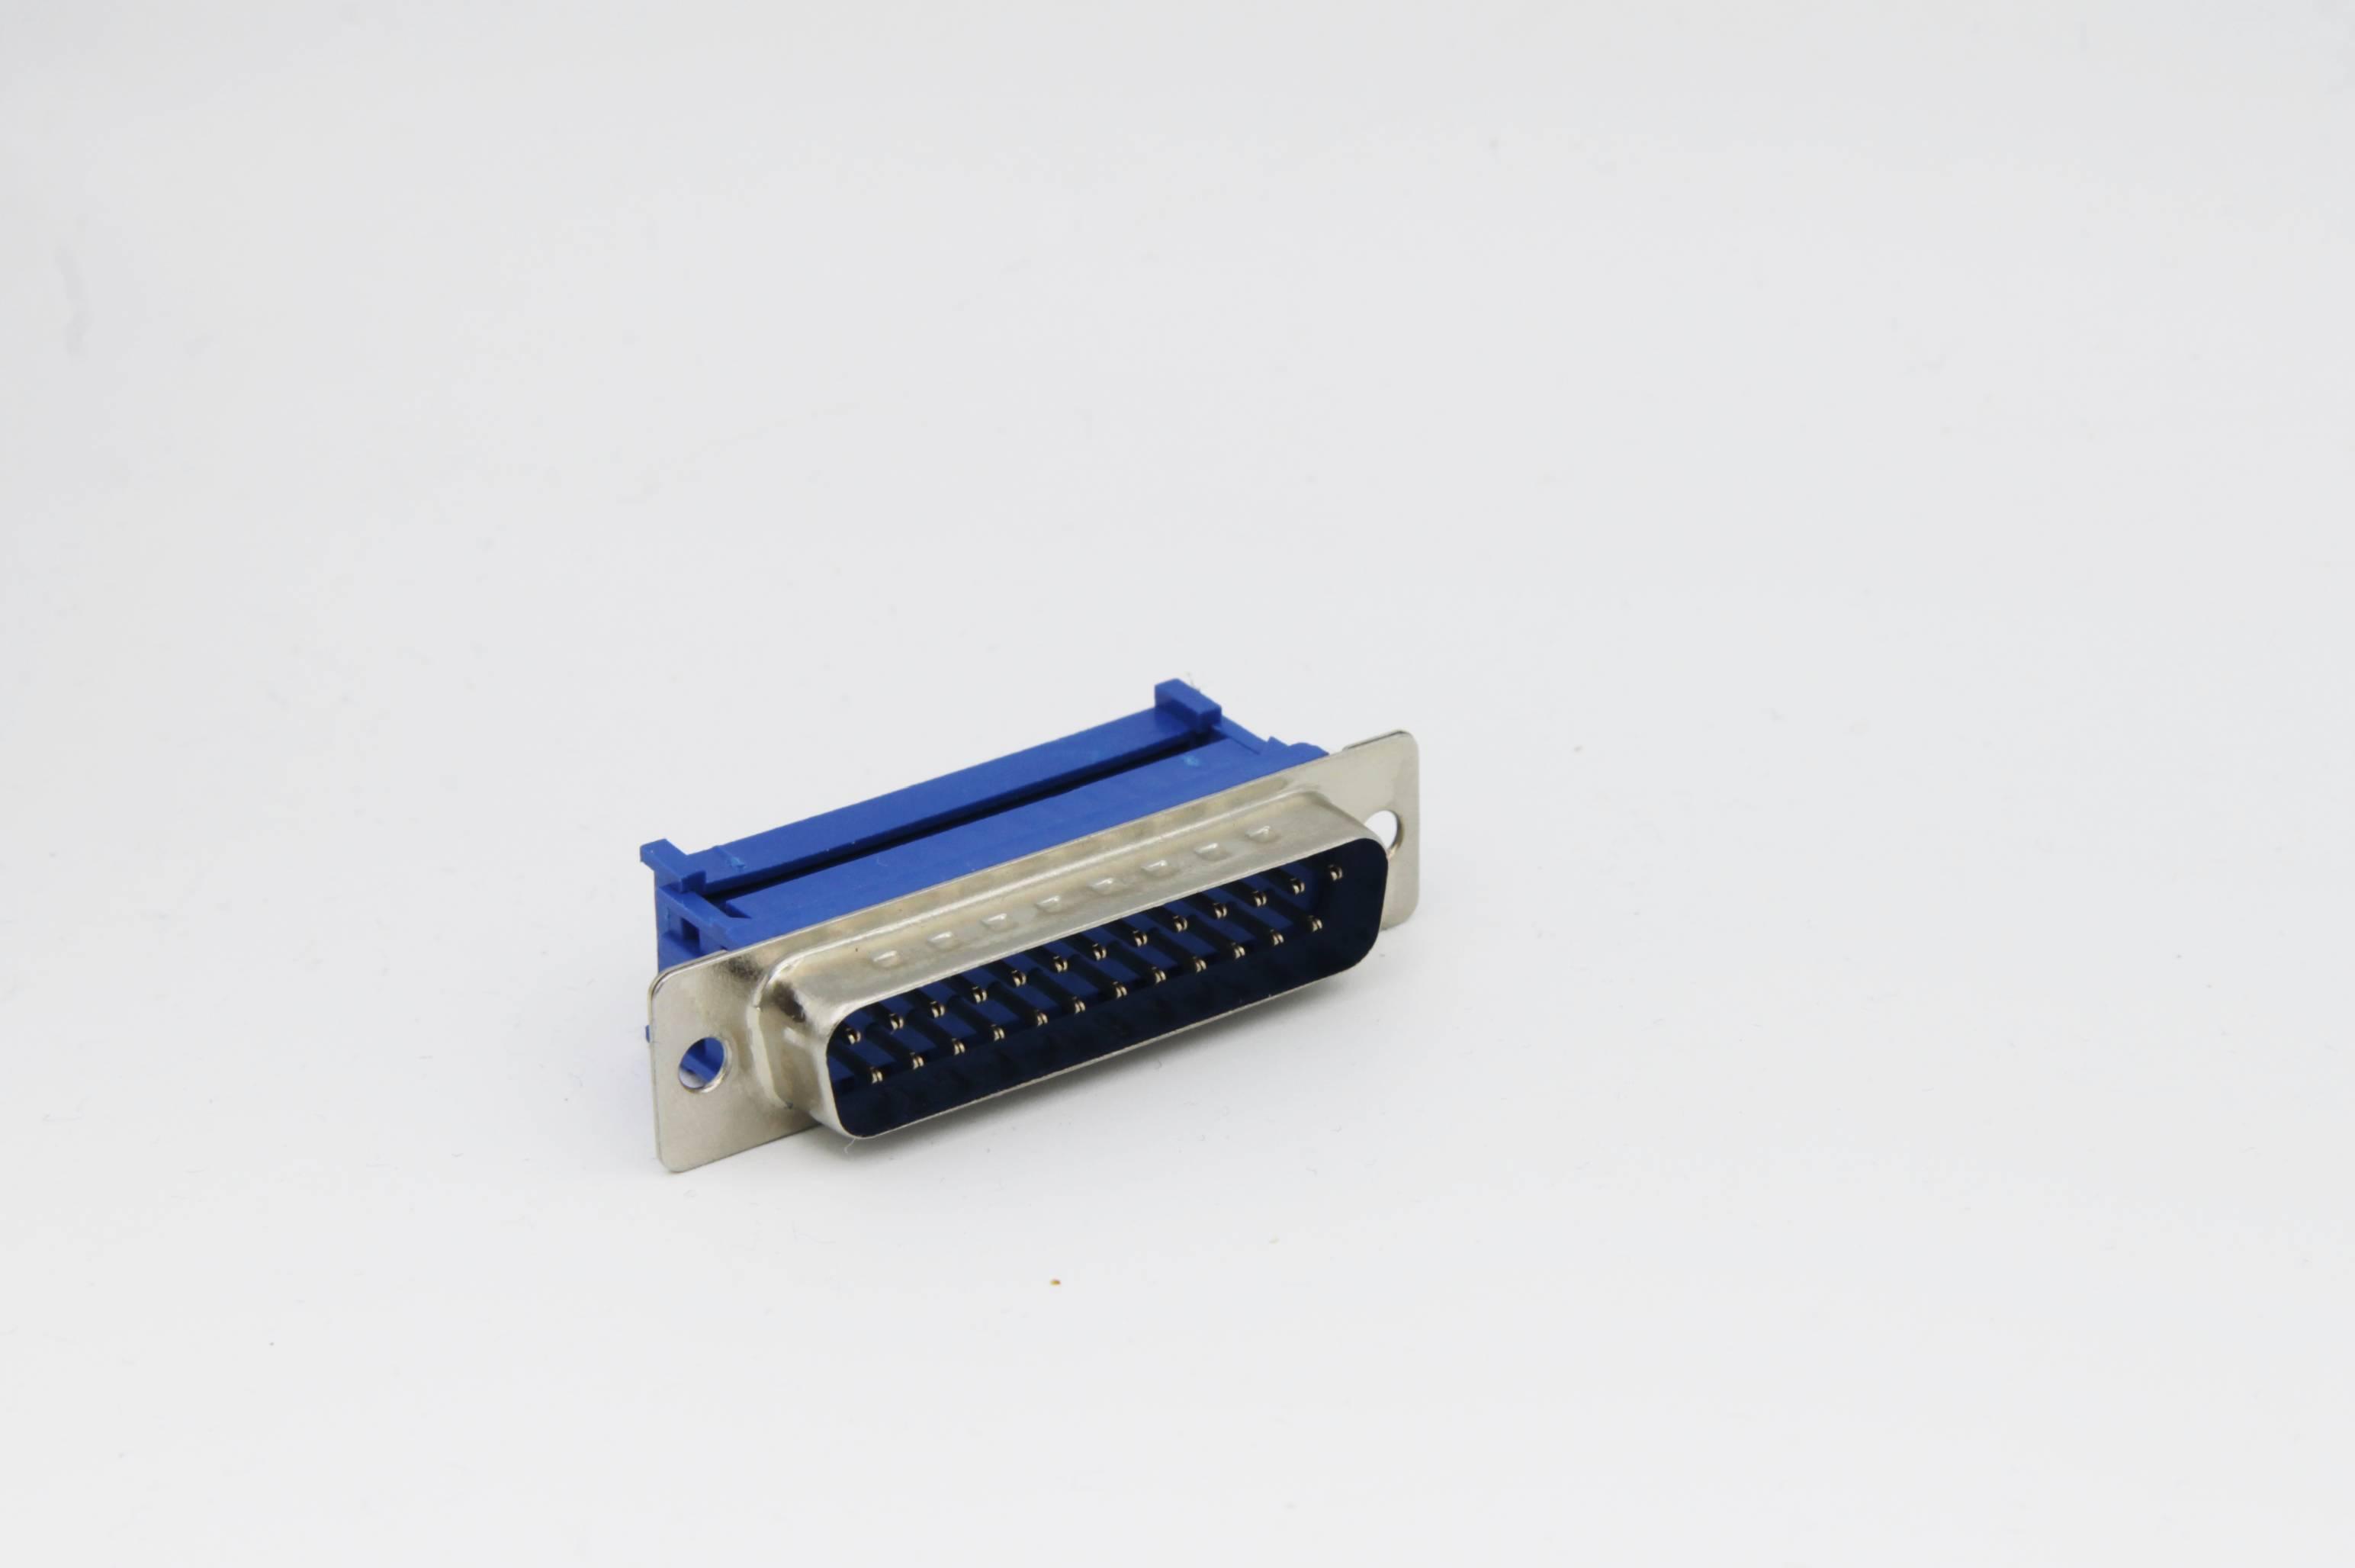 Sub-D-Stiftleiste 25-polig für Flachbandkabel